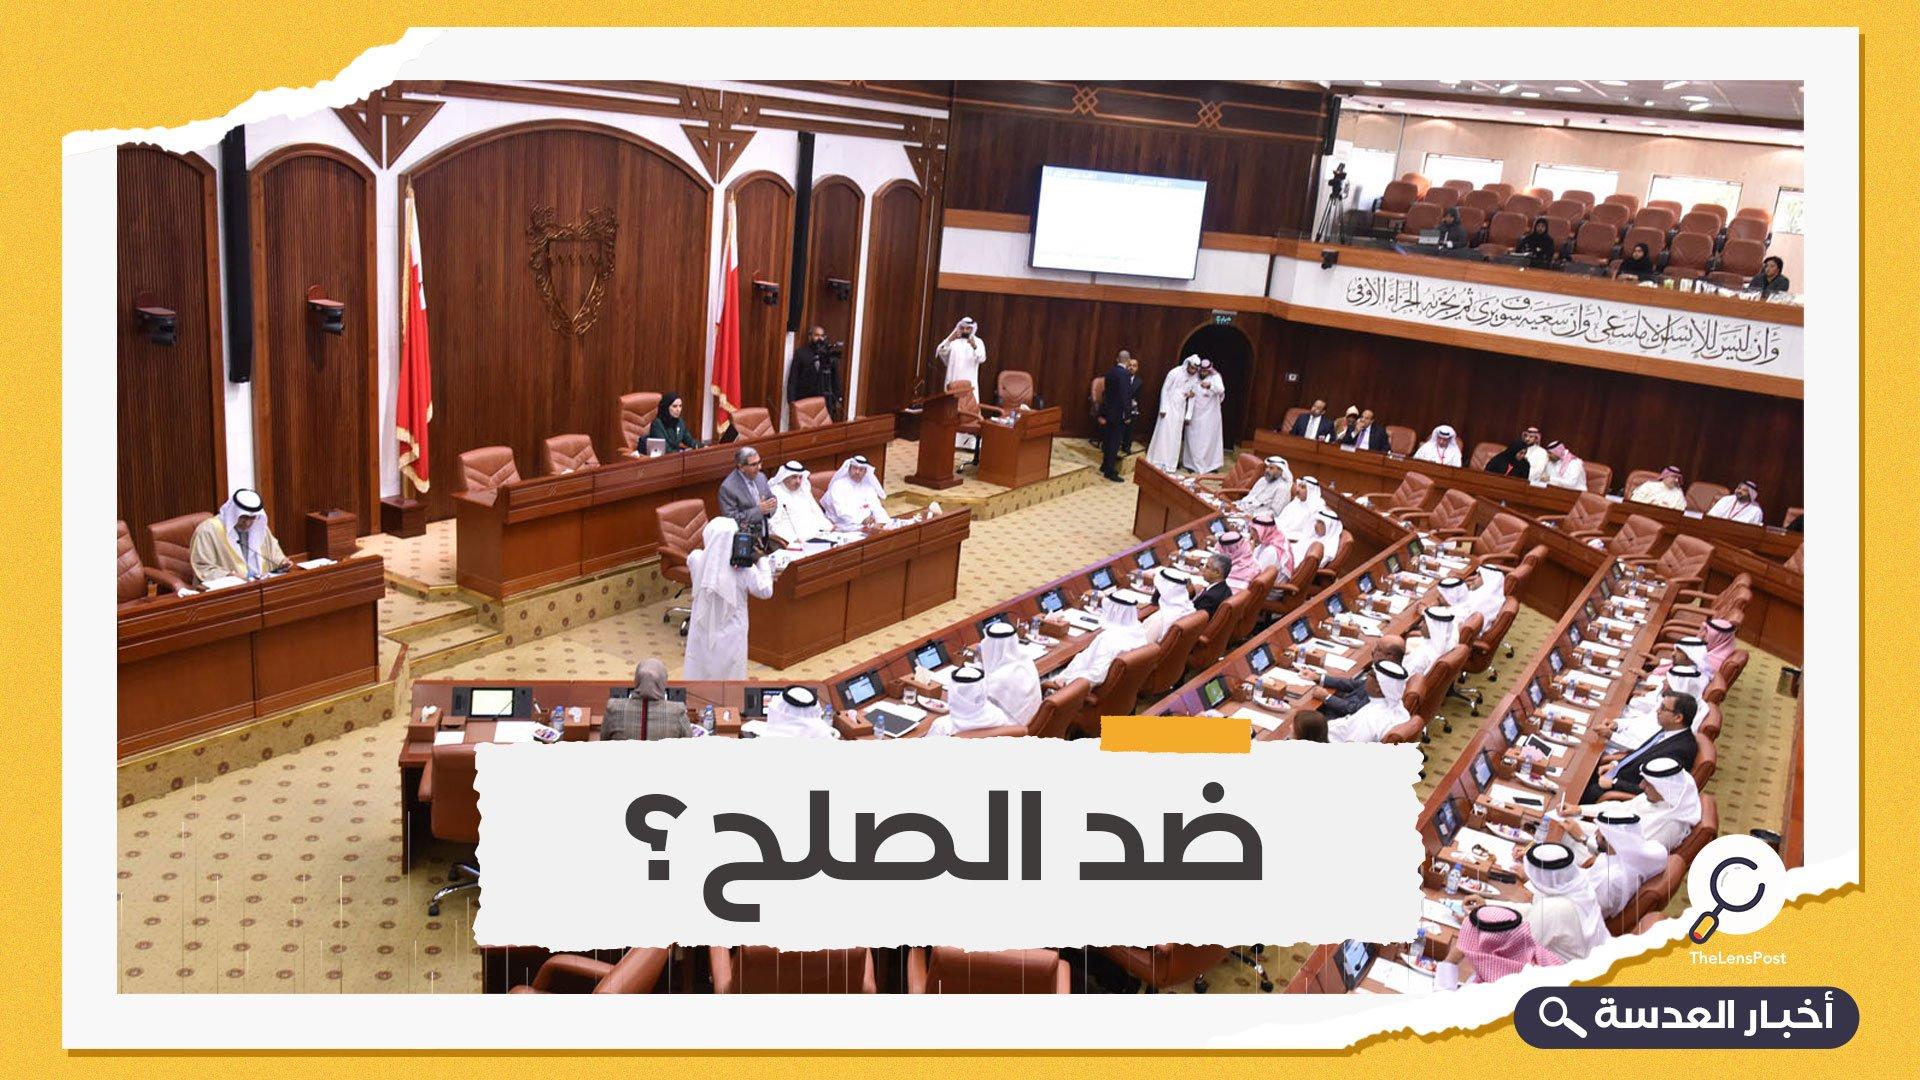 تصريحات ركيكة.. البحرين تنصح دول الحصار بعدم إتمام المصالحة مع قطر